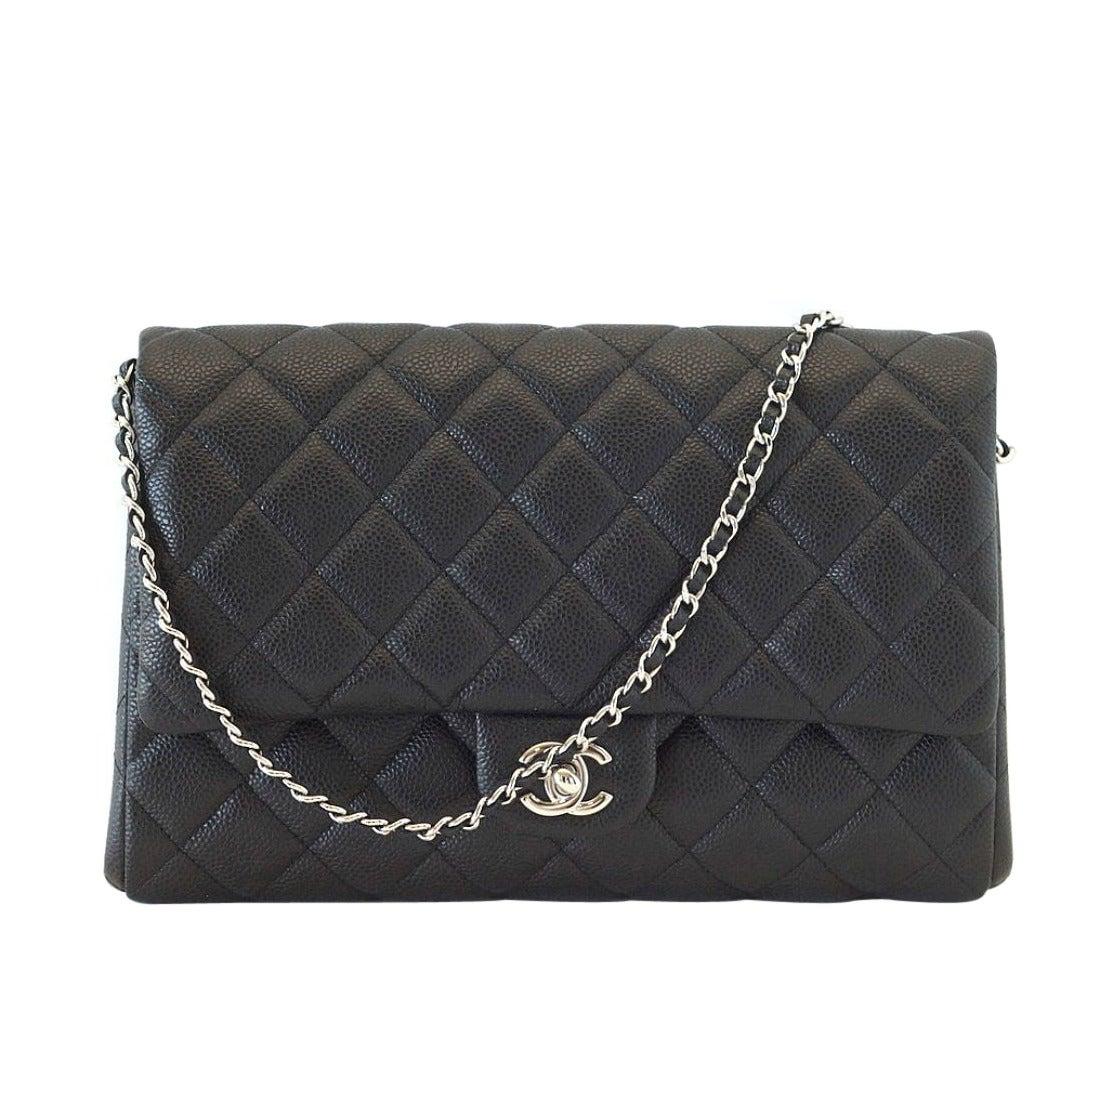 CHANEL Bag Flat Flap Black Caviar Clutch / Shoulder new 1